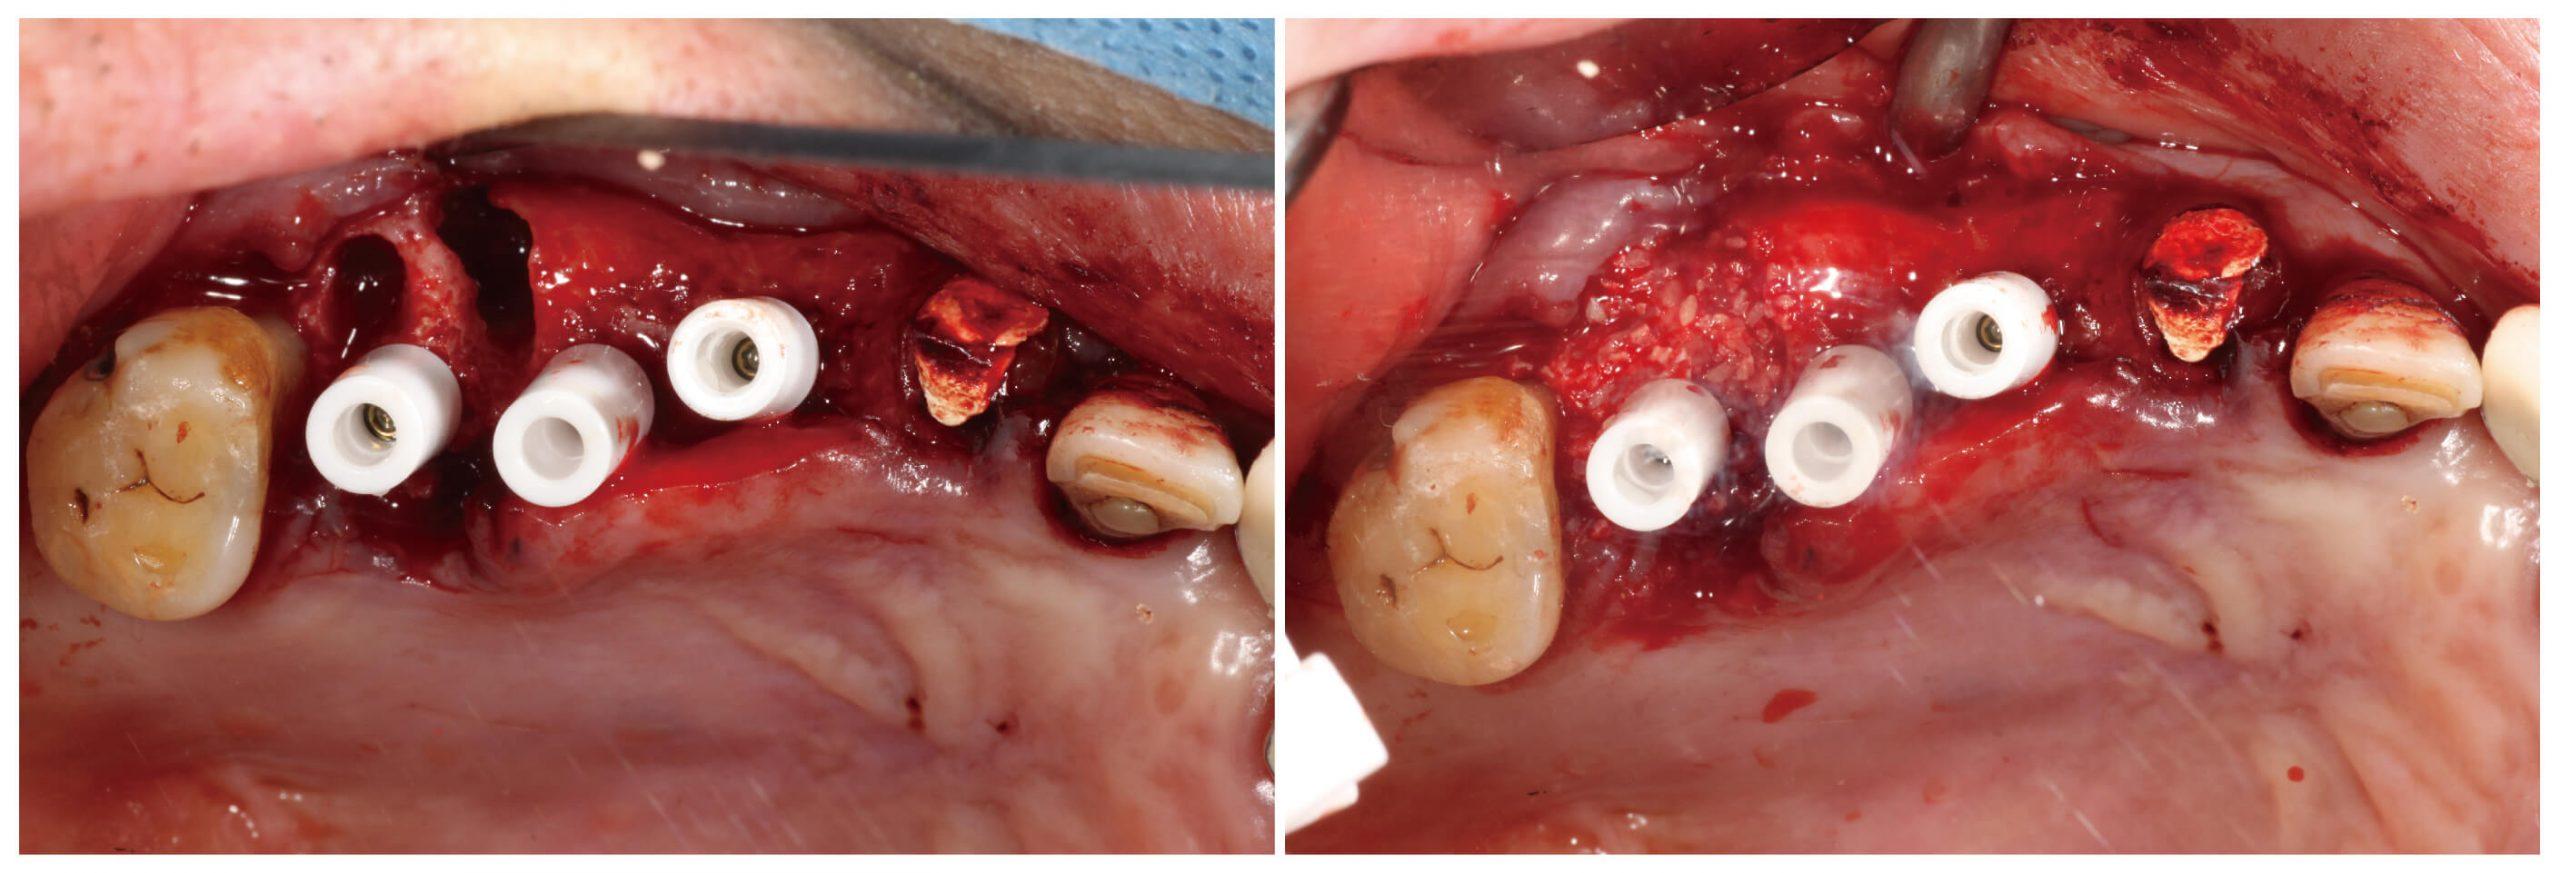 Fig.21-22 執行 GBR 手術、Sutures 與裝上 provisionals